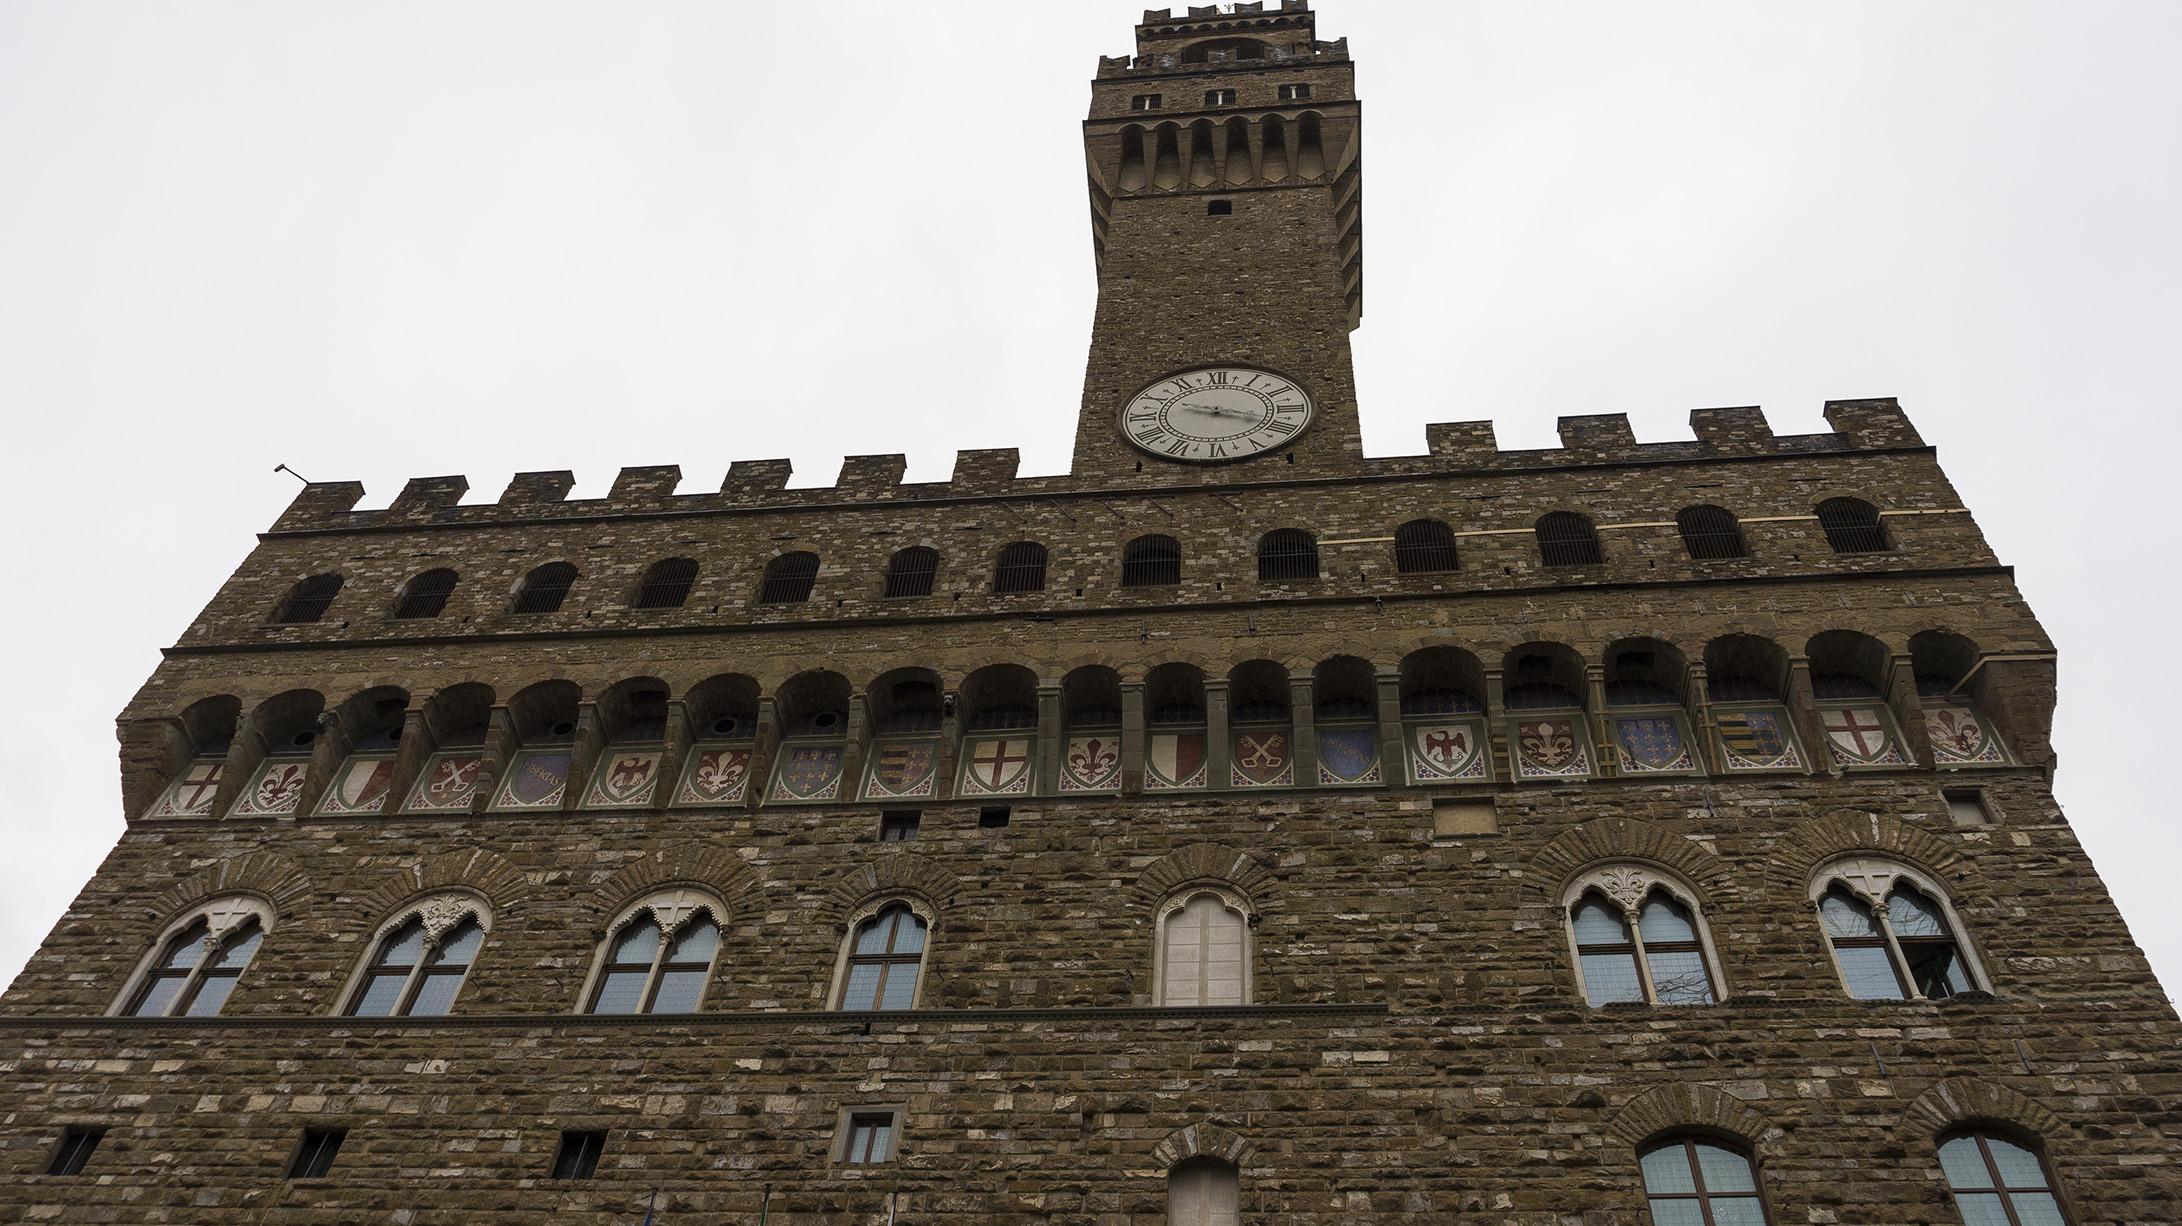 Достопримечательности Флоренции: Палаццо Веккьо